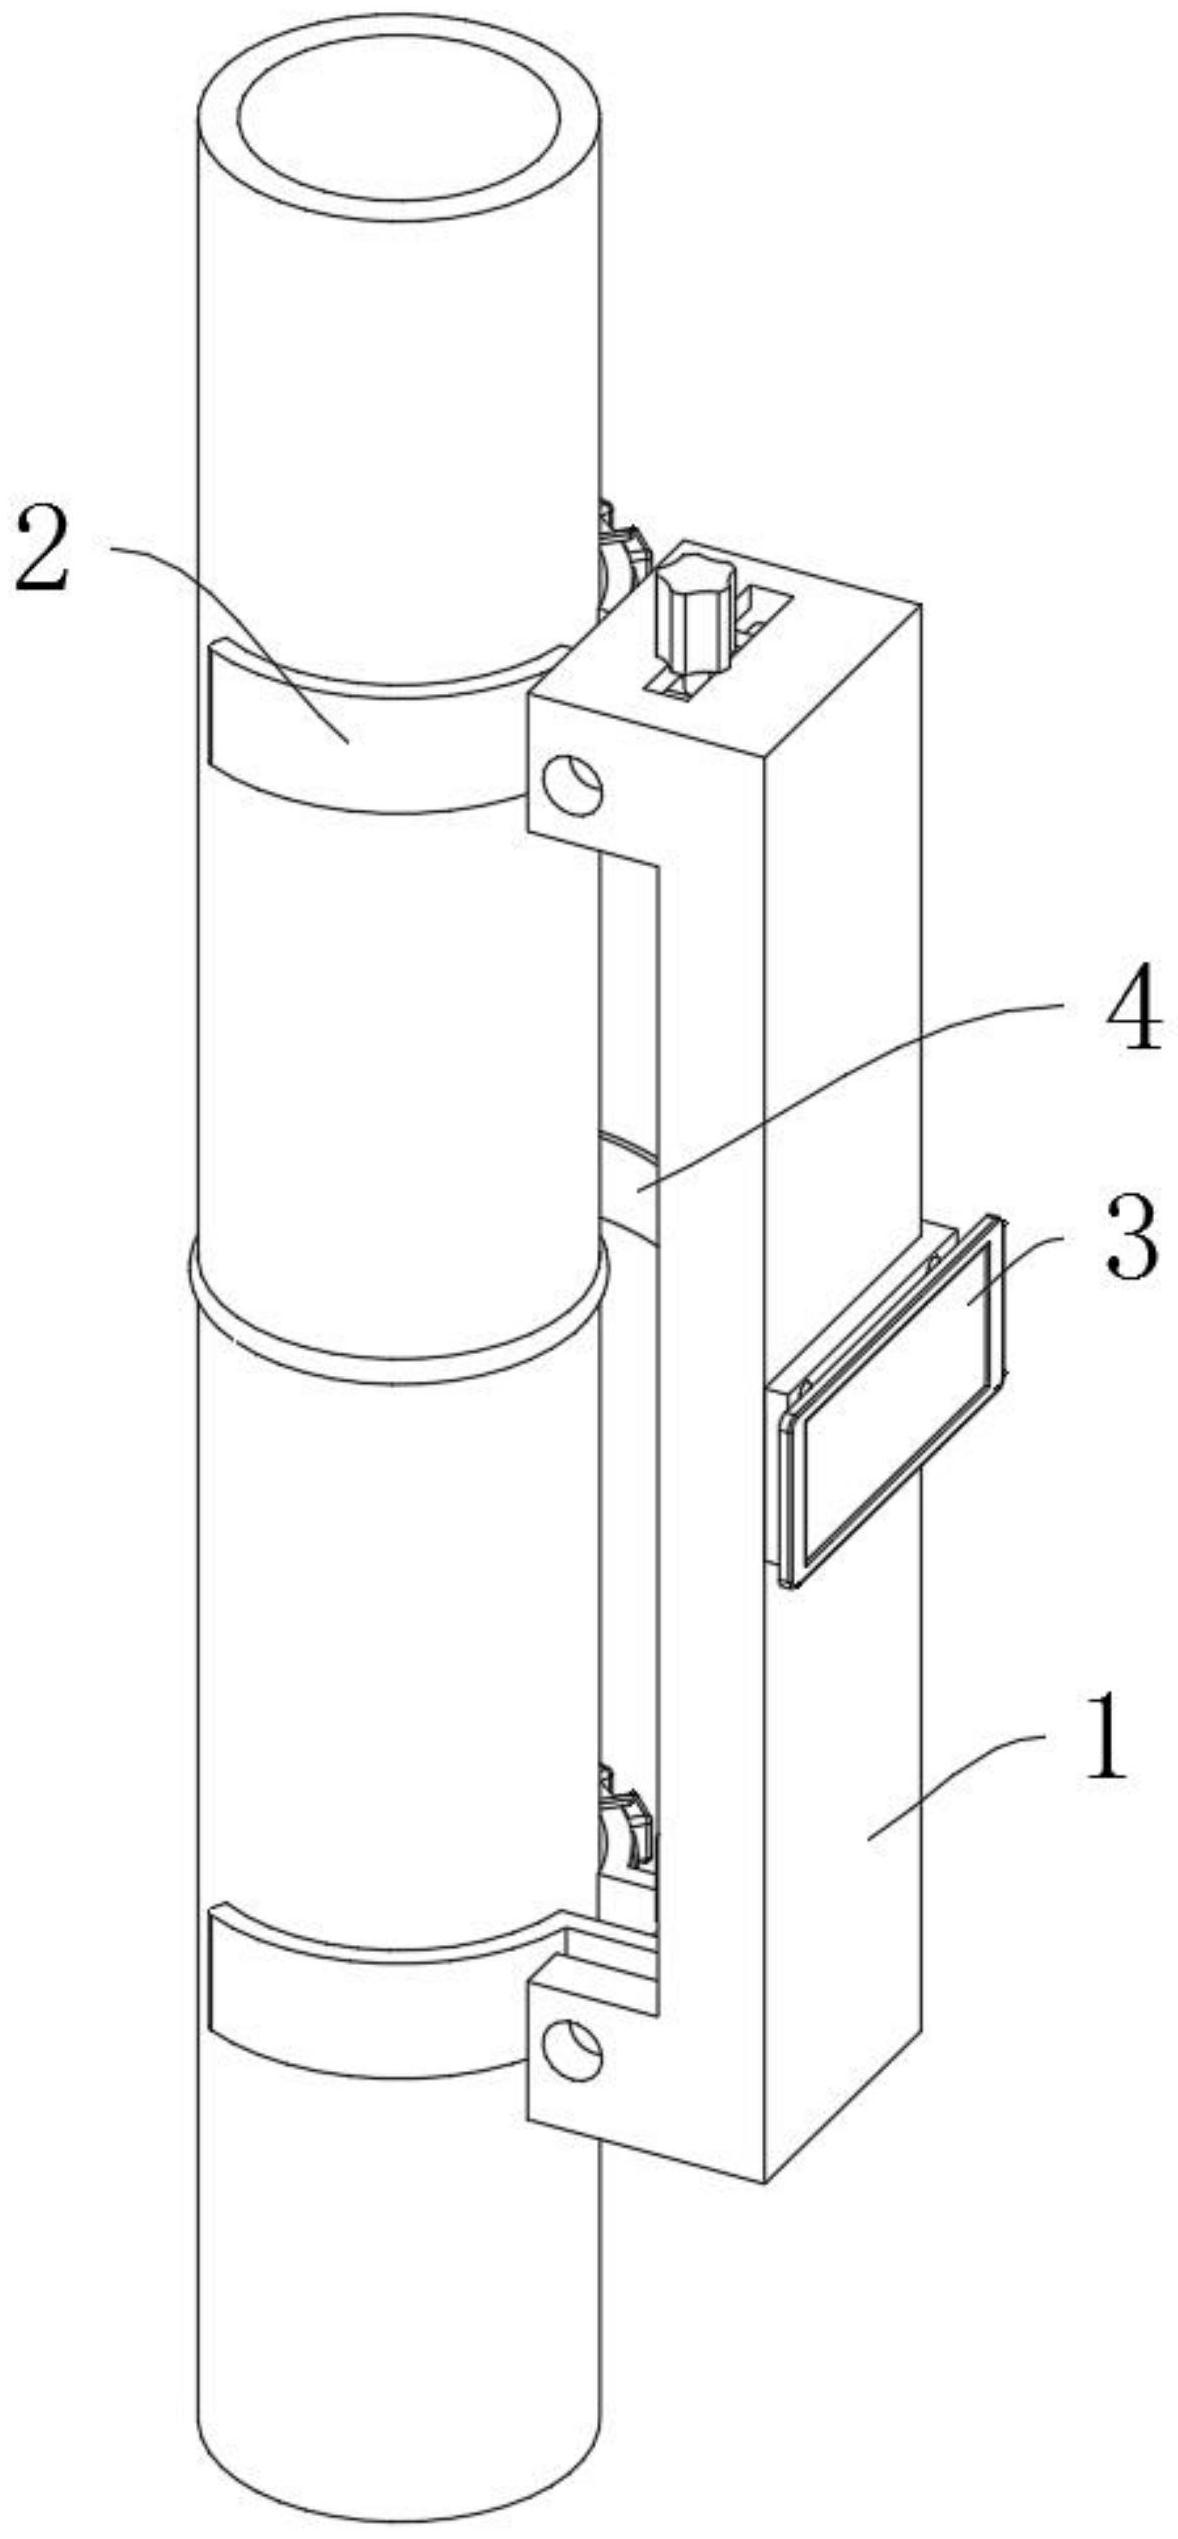 一种小径管超声检测用扫查器